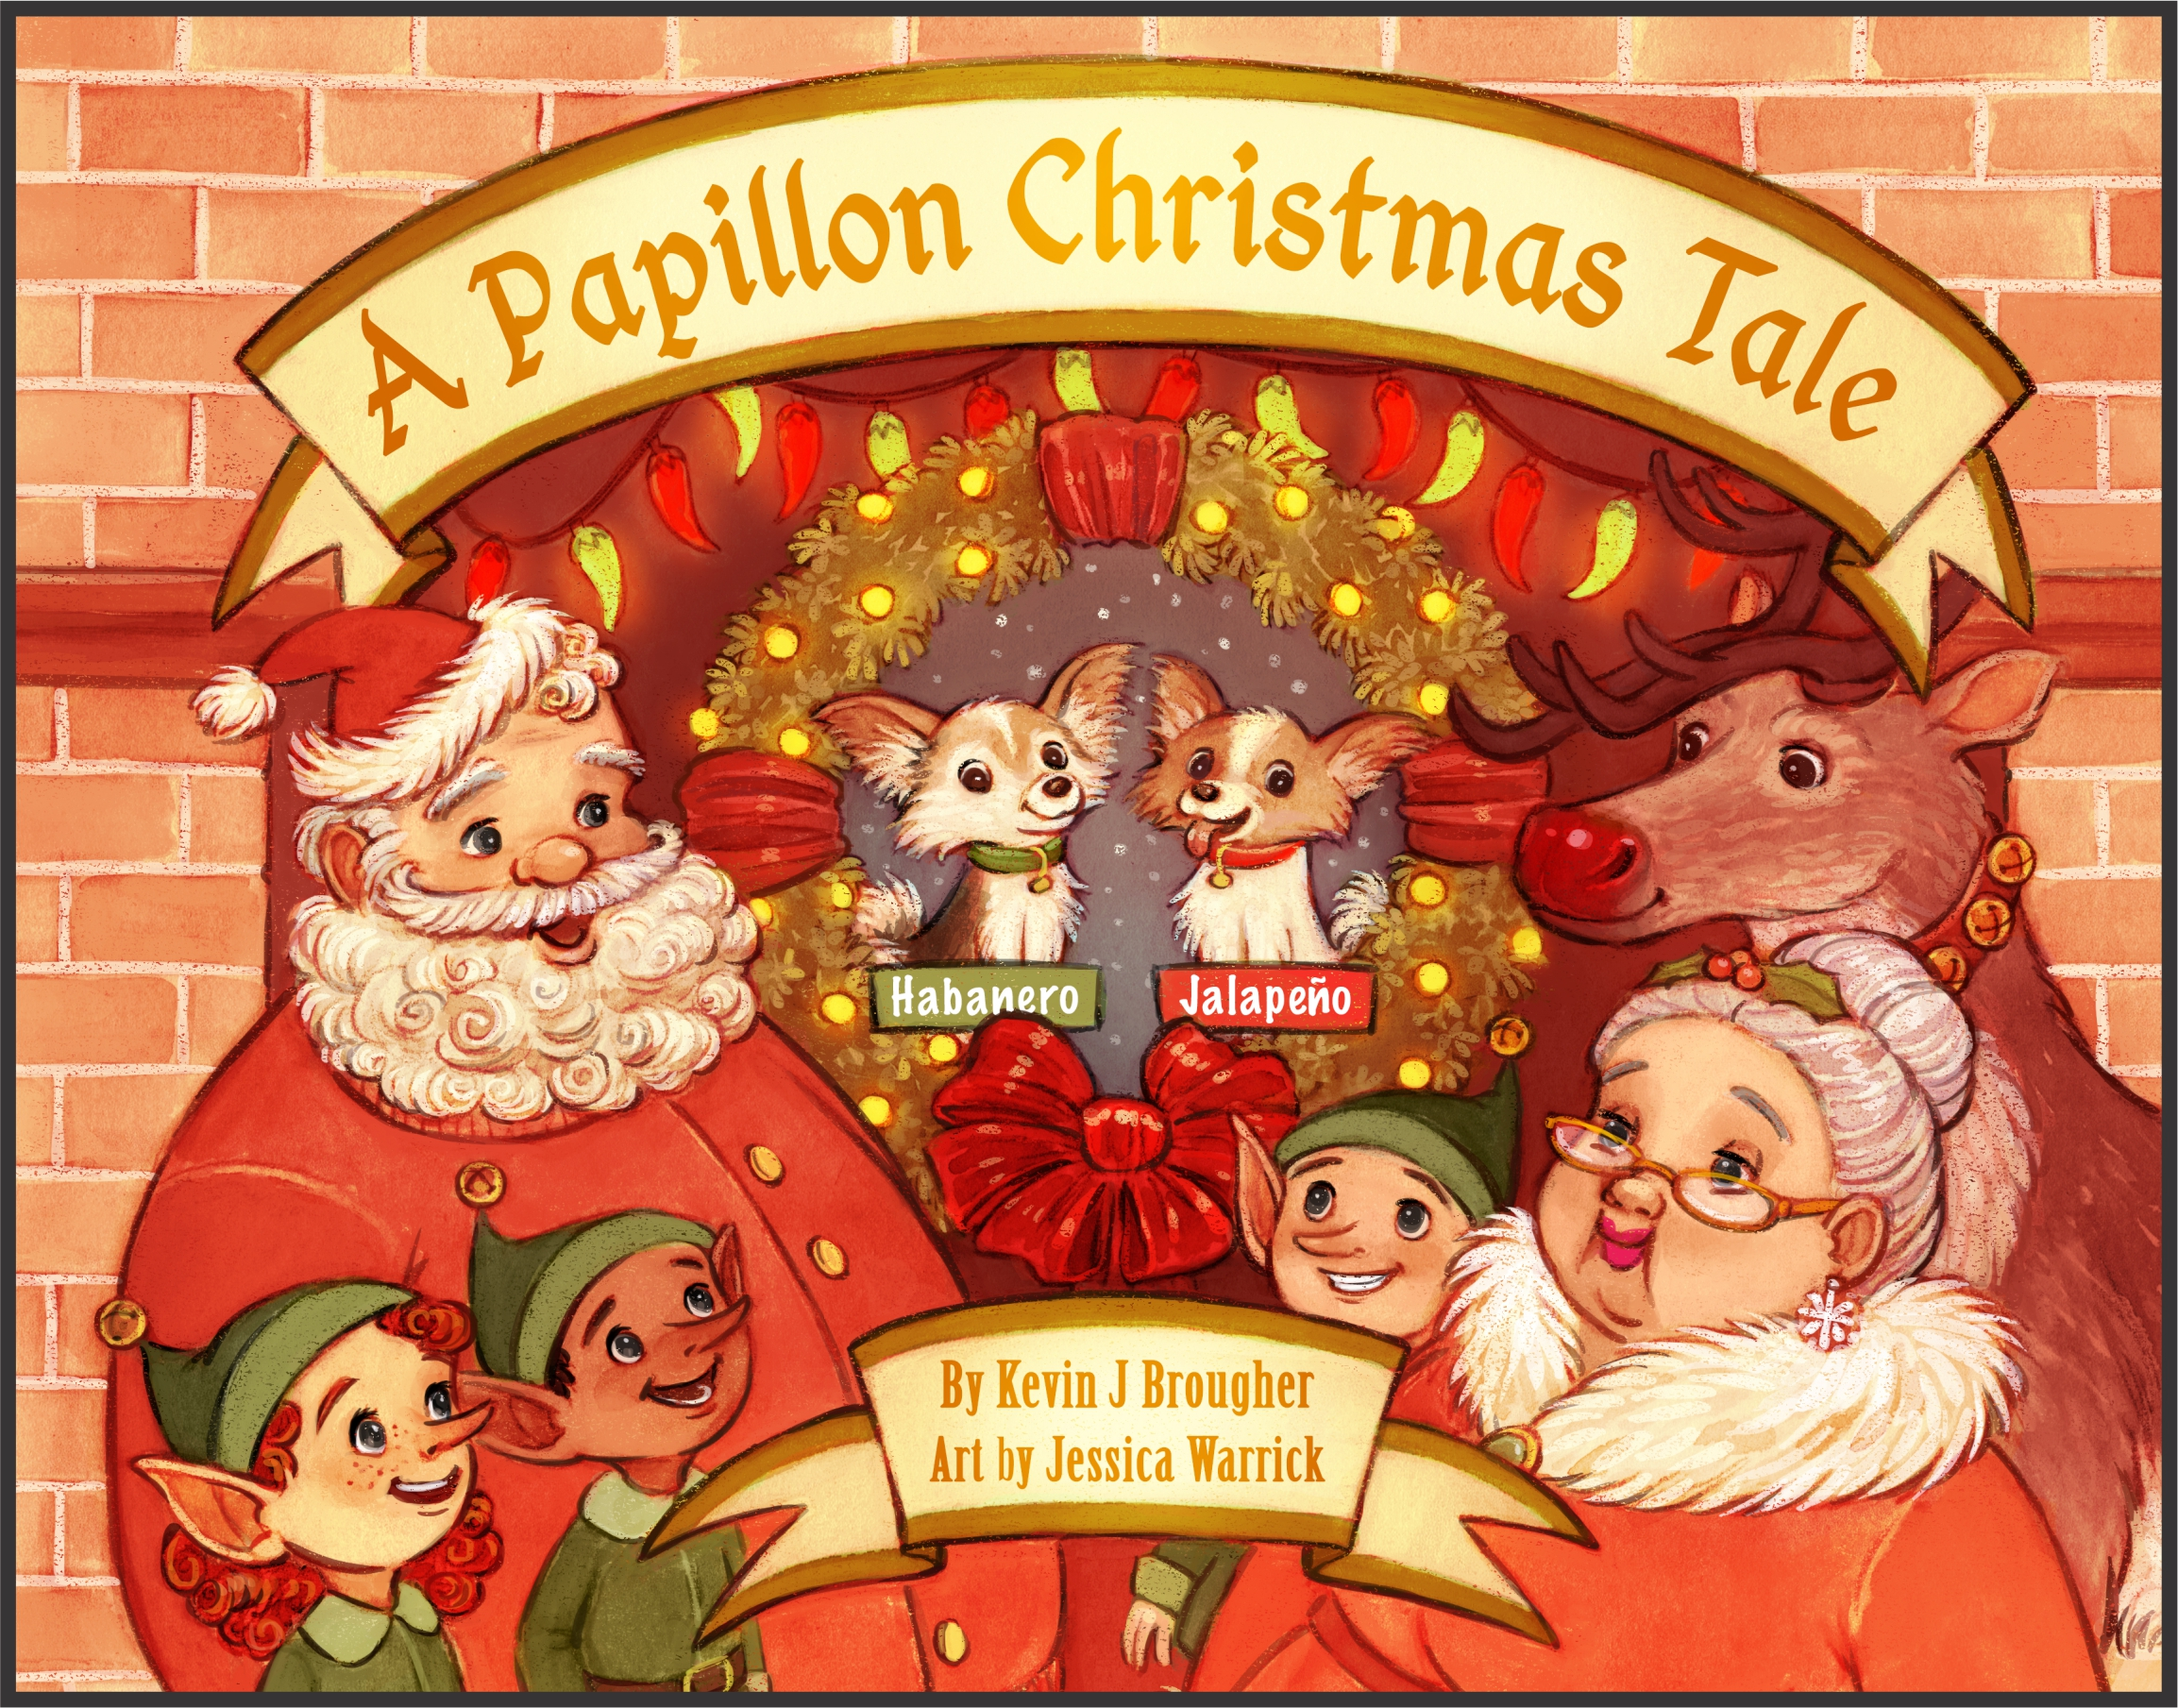 A Papillon Christmas Tale